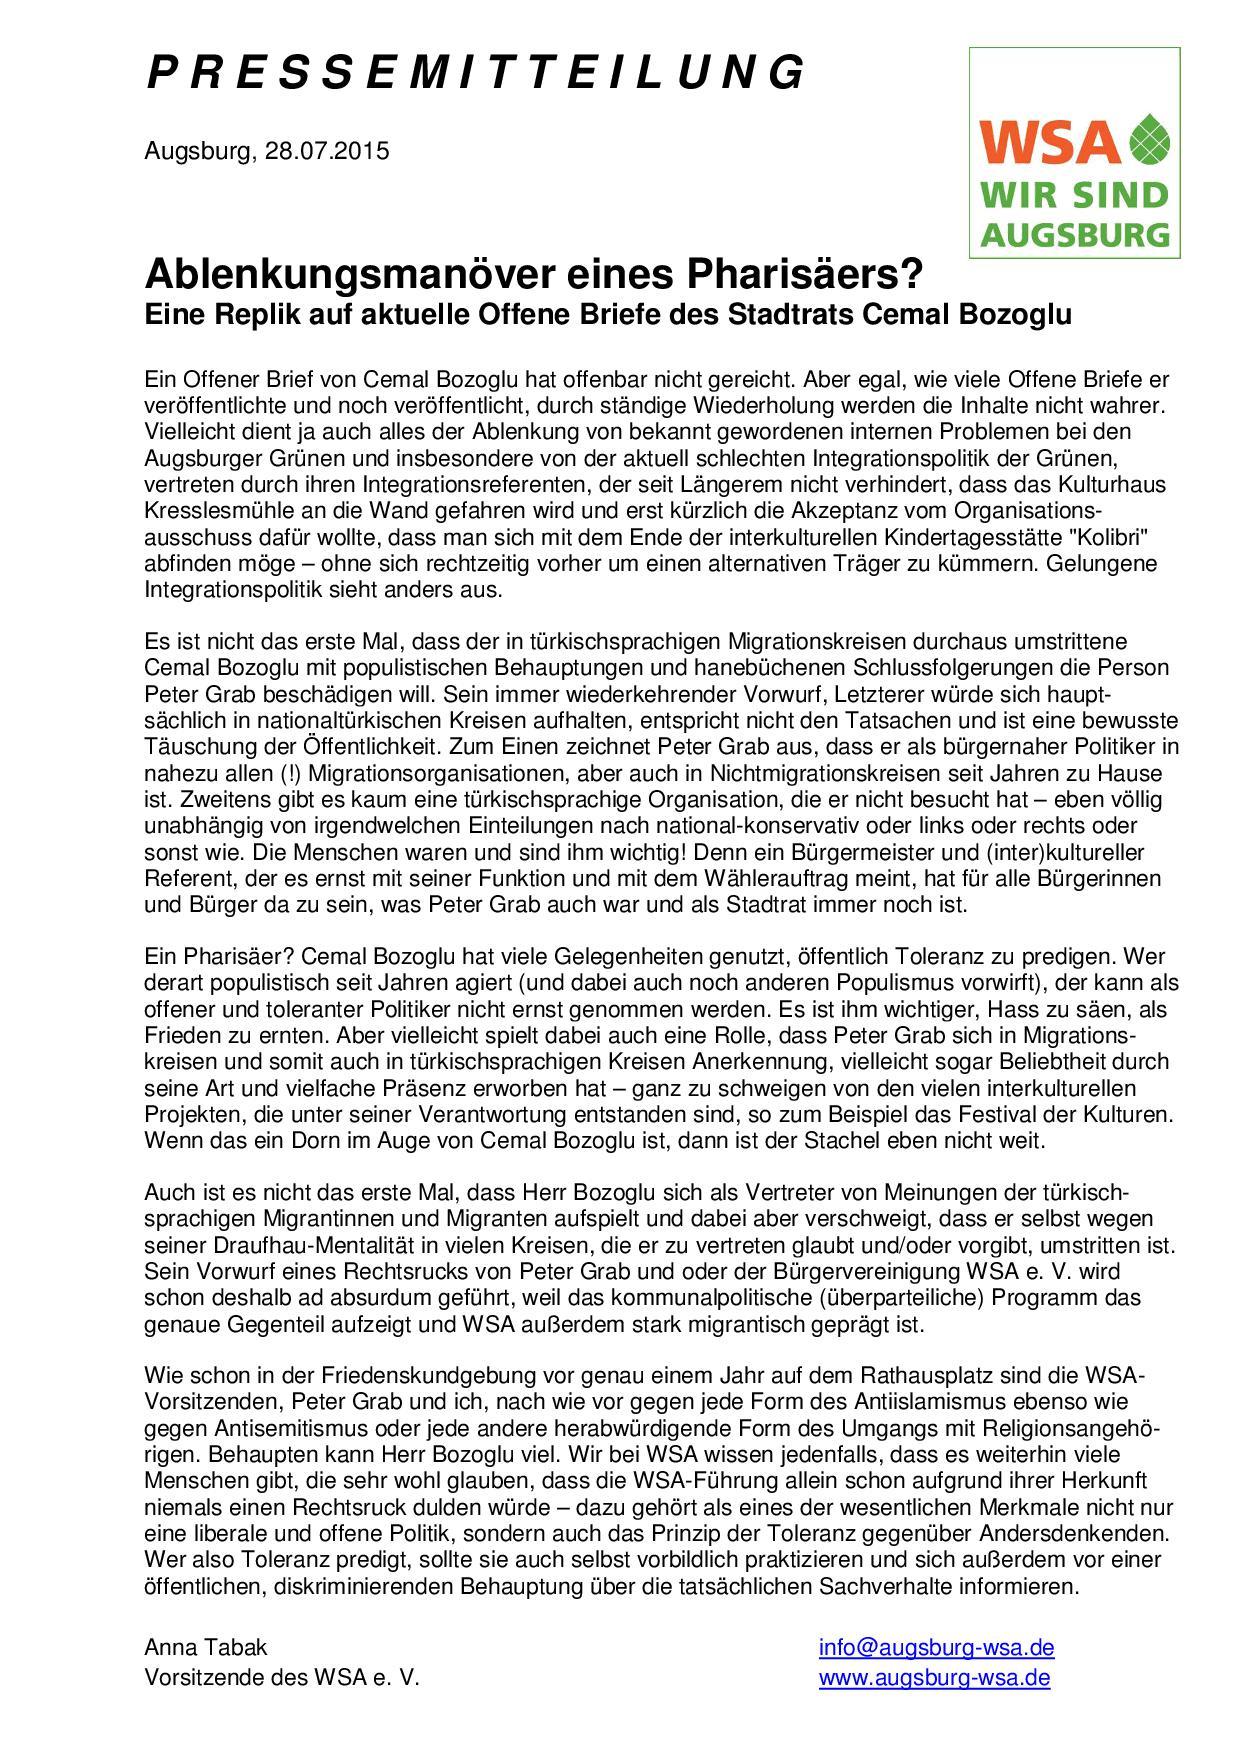 Replik auf aktuelle Offene Briefe des Stadtrats Cemal Bozoglu-001